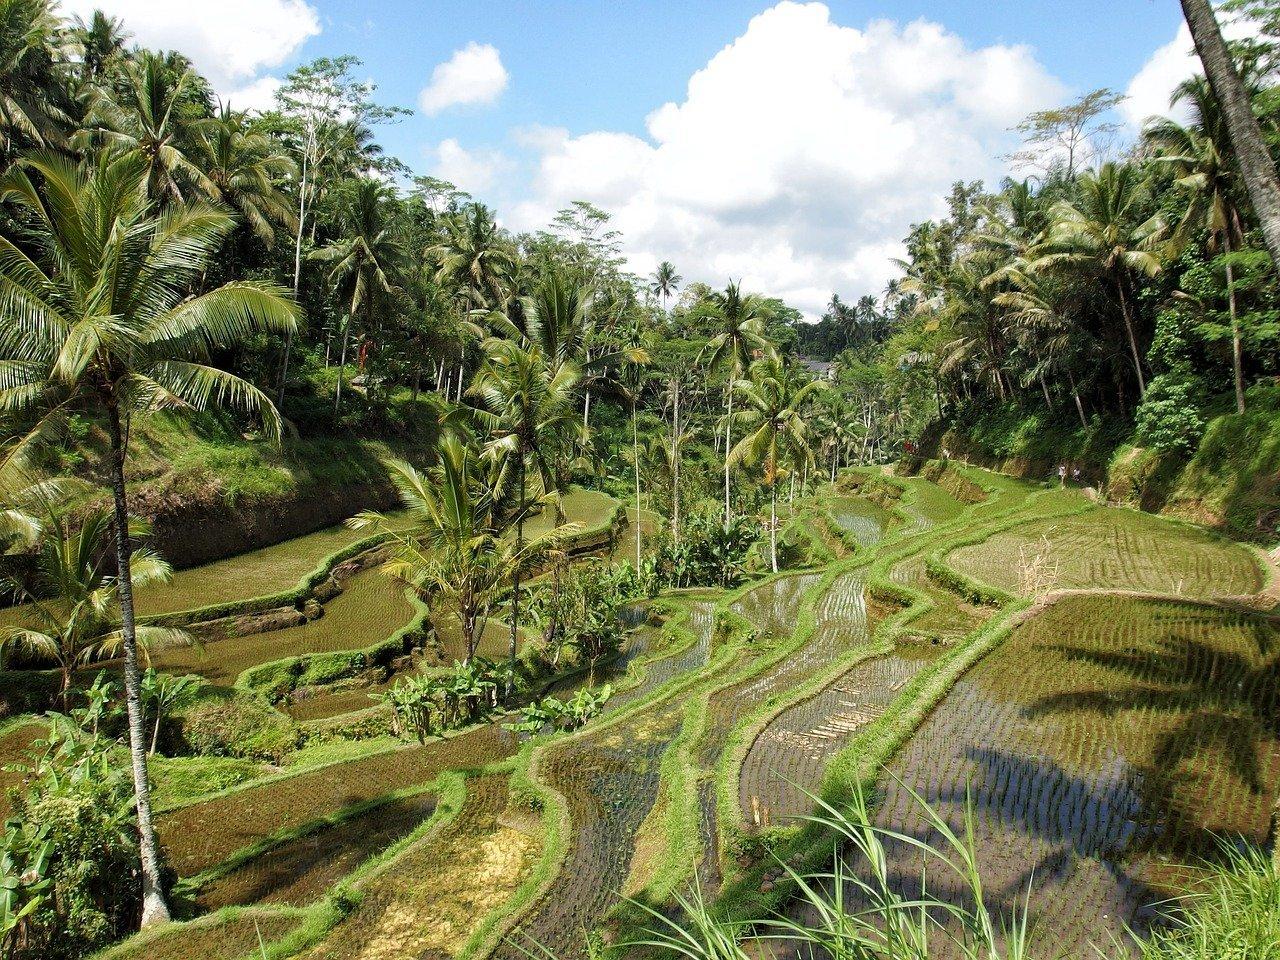 agricoltura biologica per preservare le risorse naturali e garantire la biodiversita